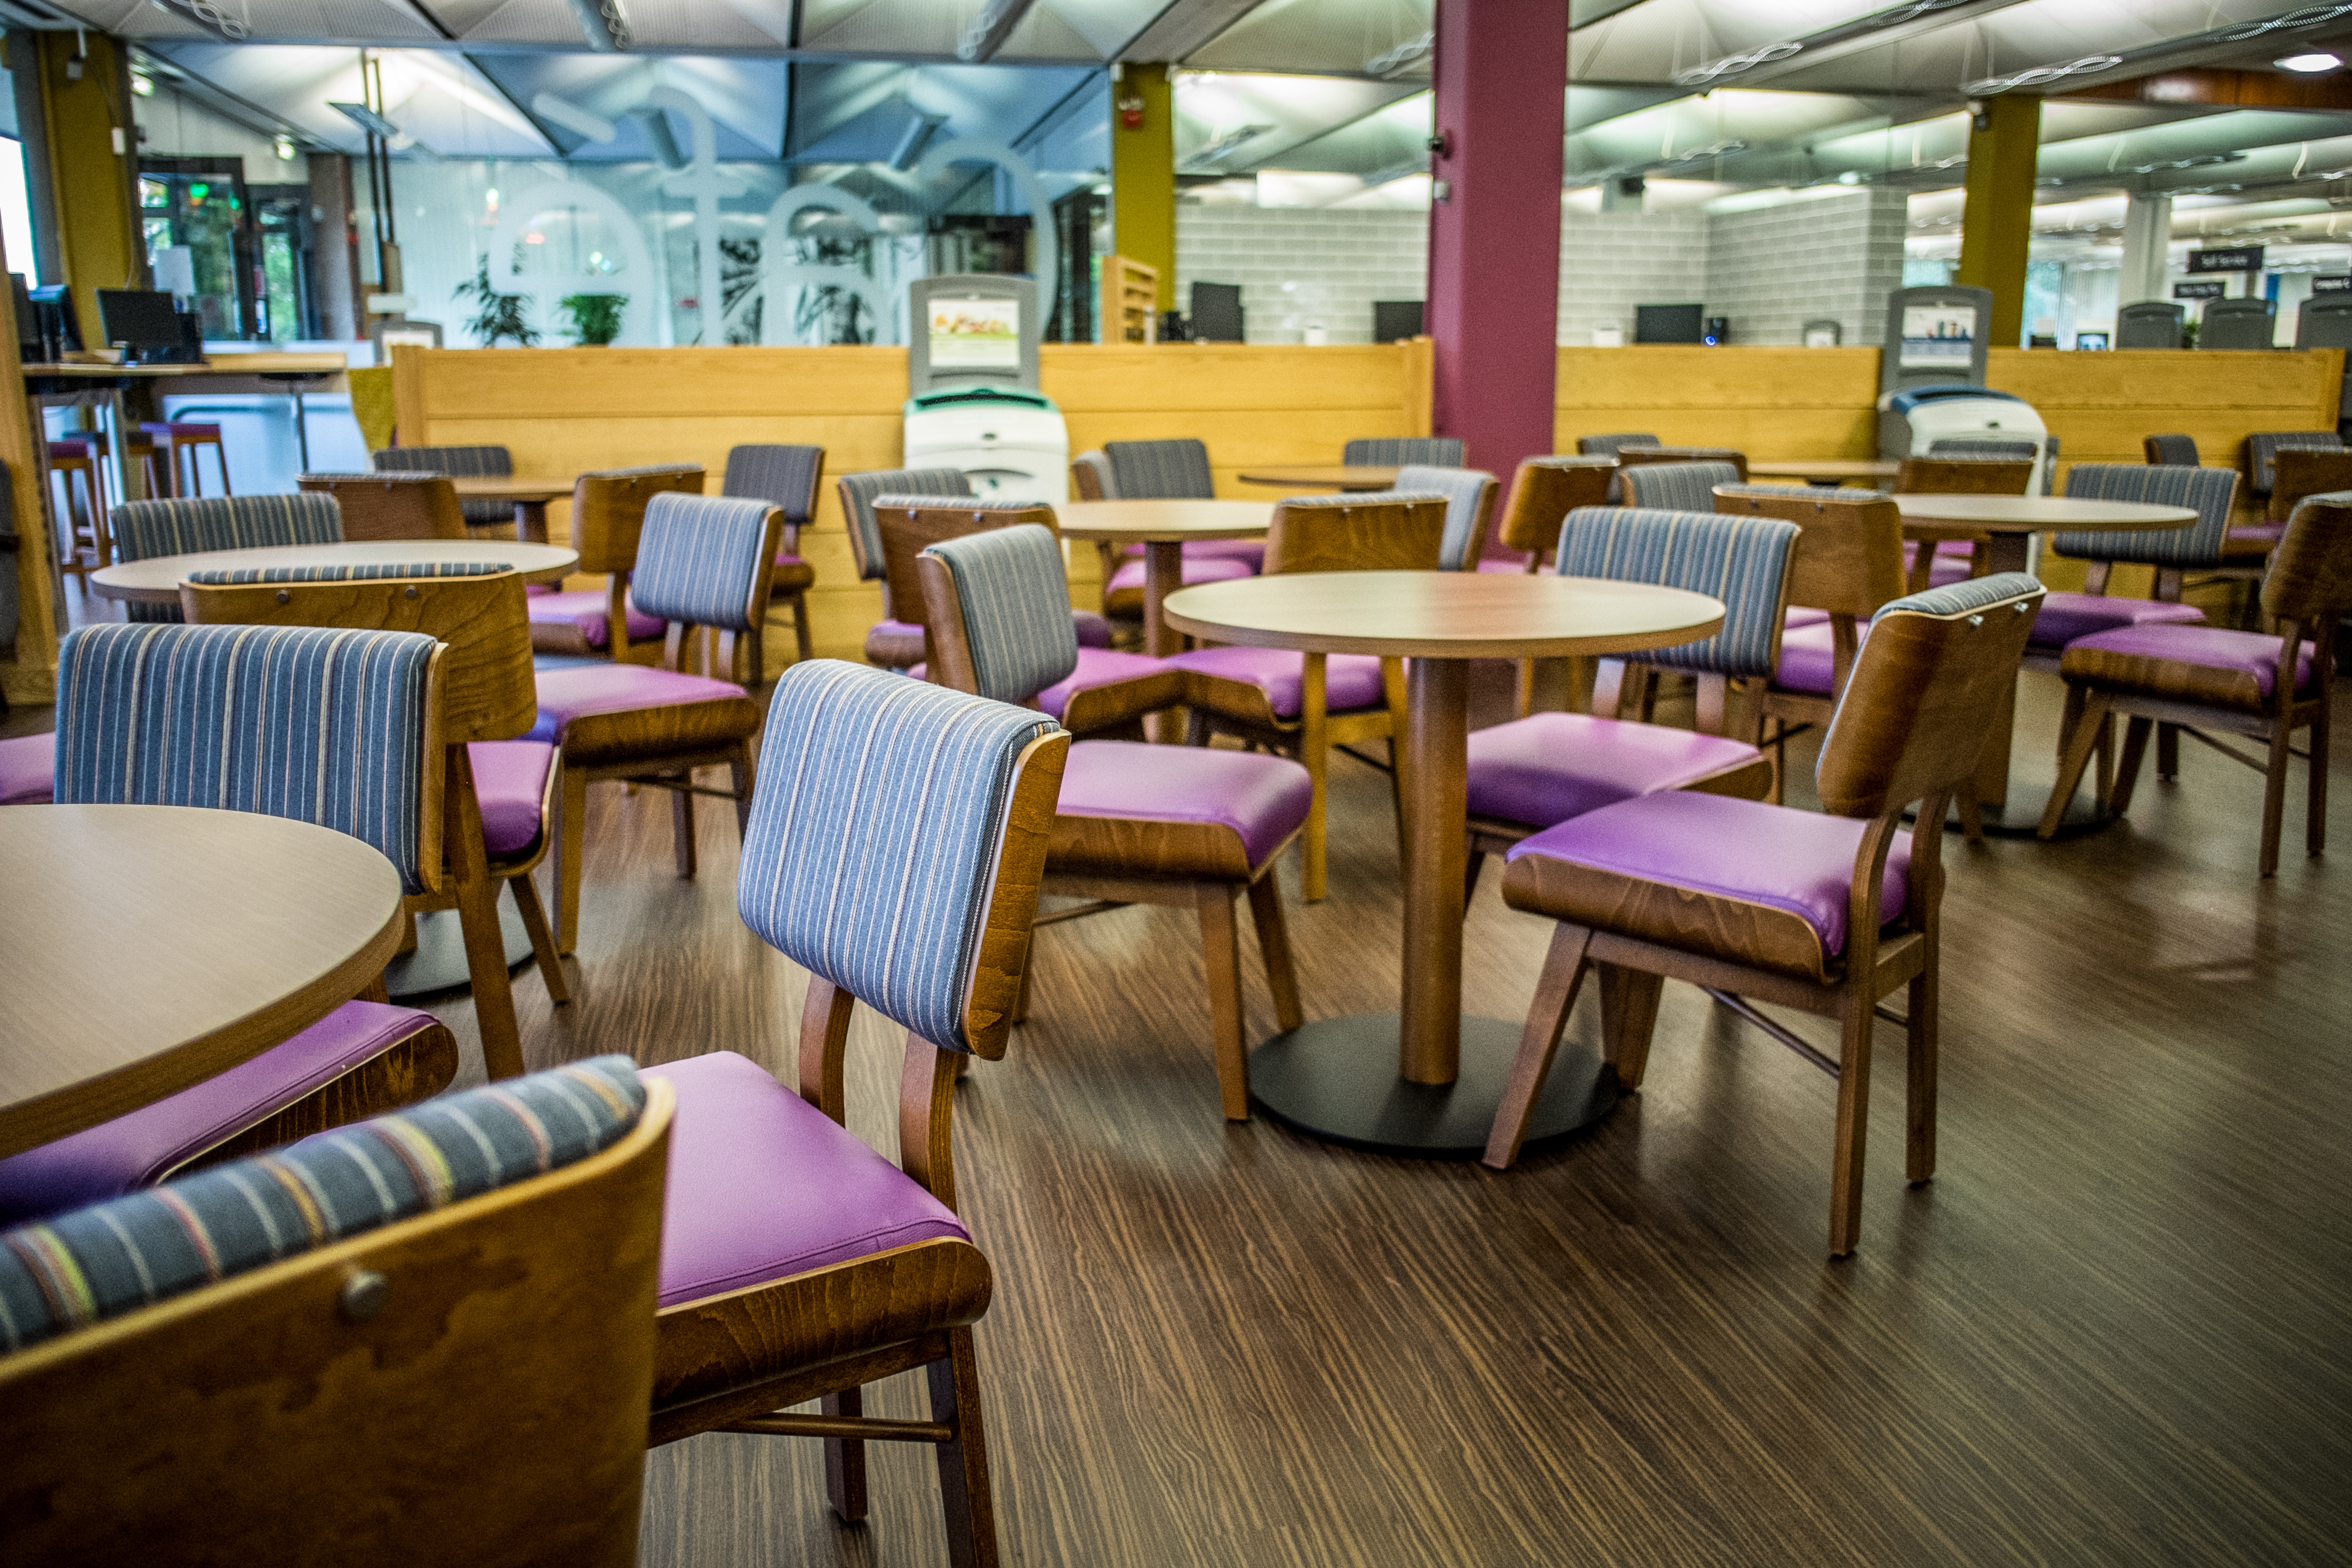 University of nottingham hallward library